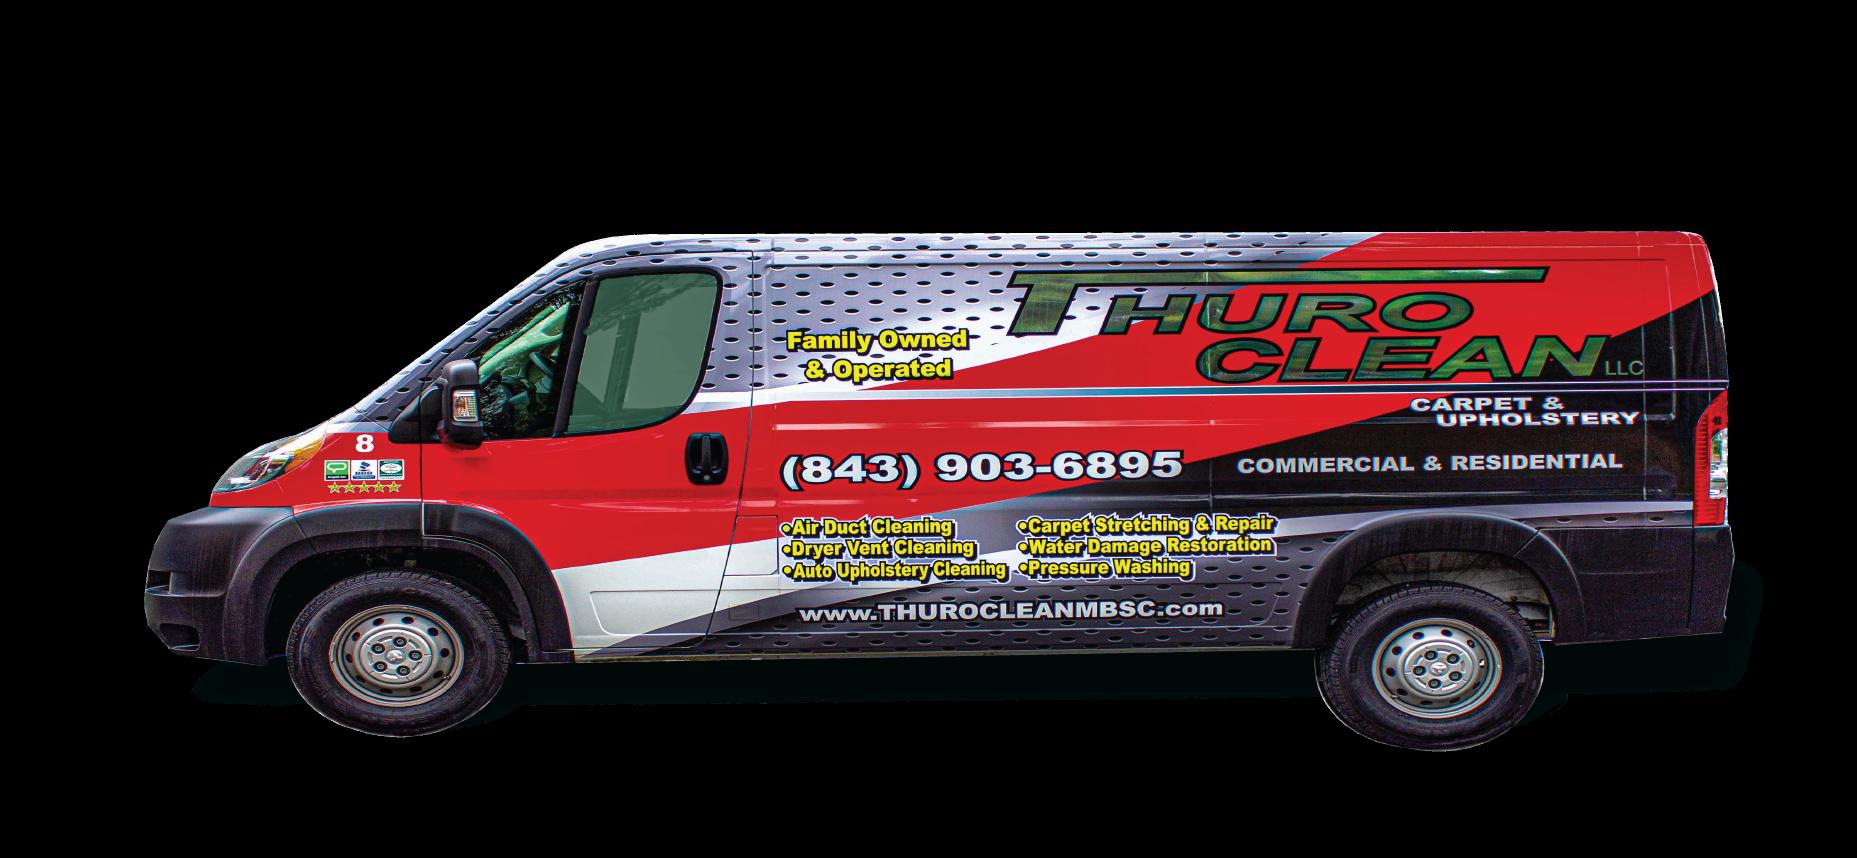 Thuro Clean Carpet, LLC.